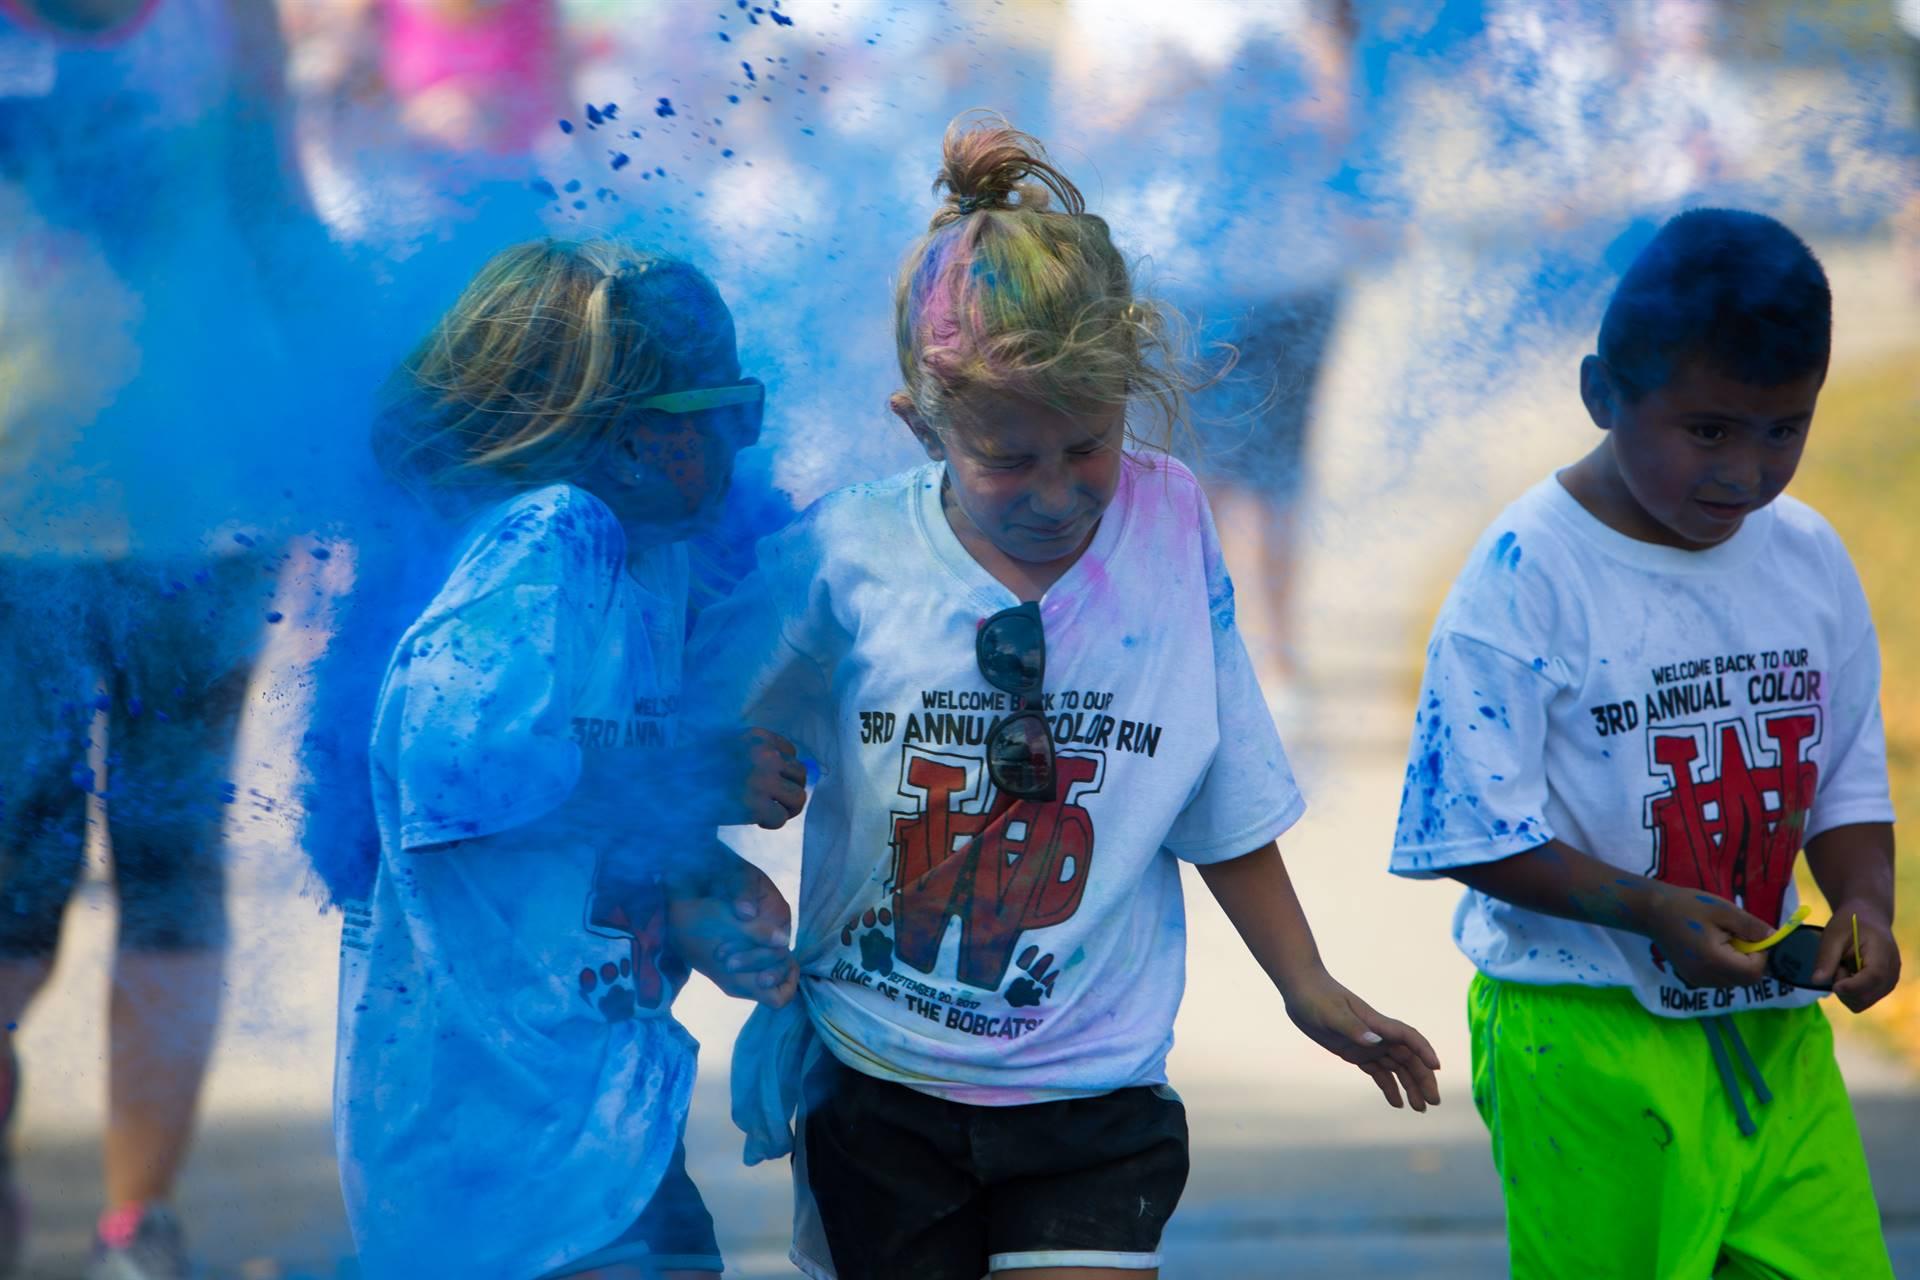 3 kids at color run